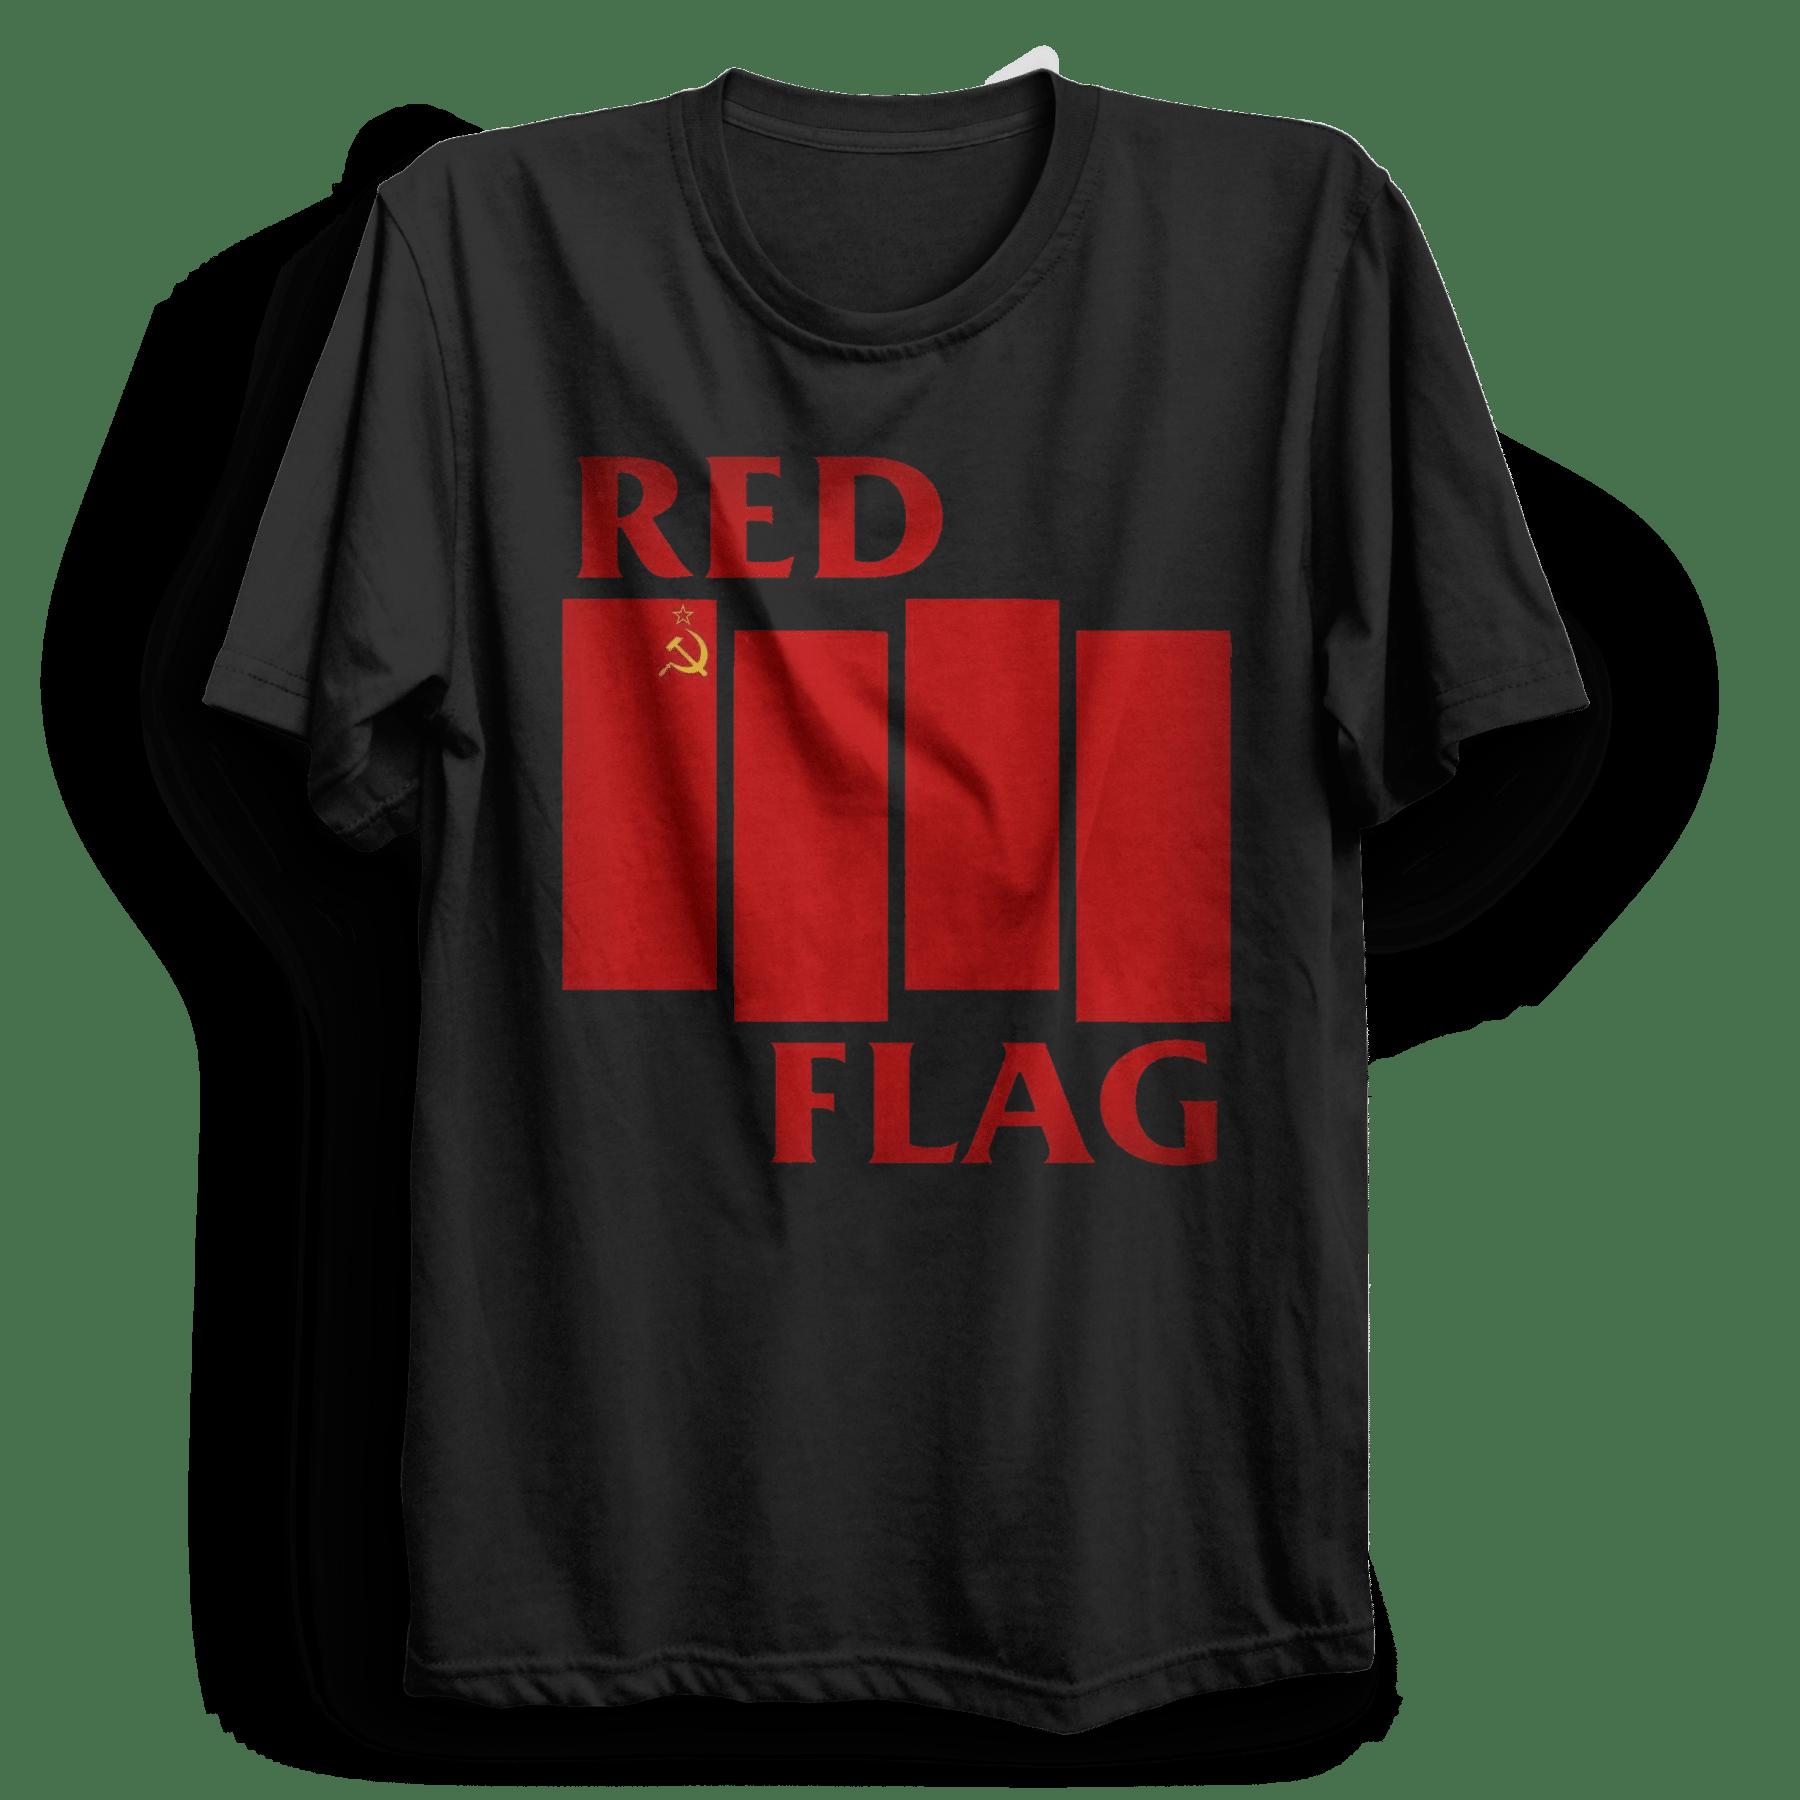 Black flag t shirt uk - Redflag